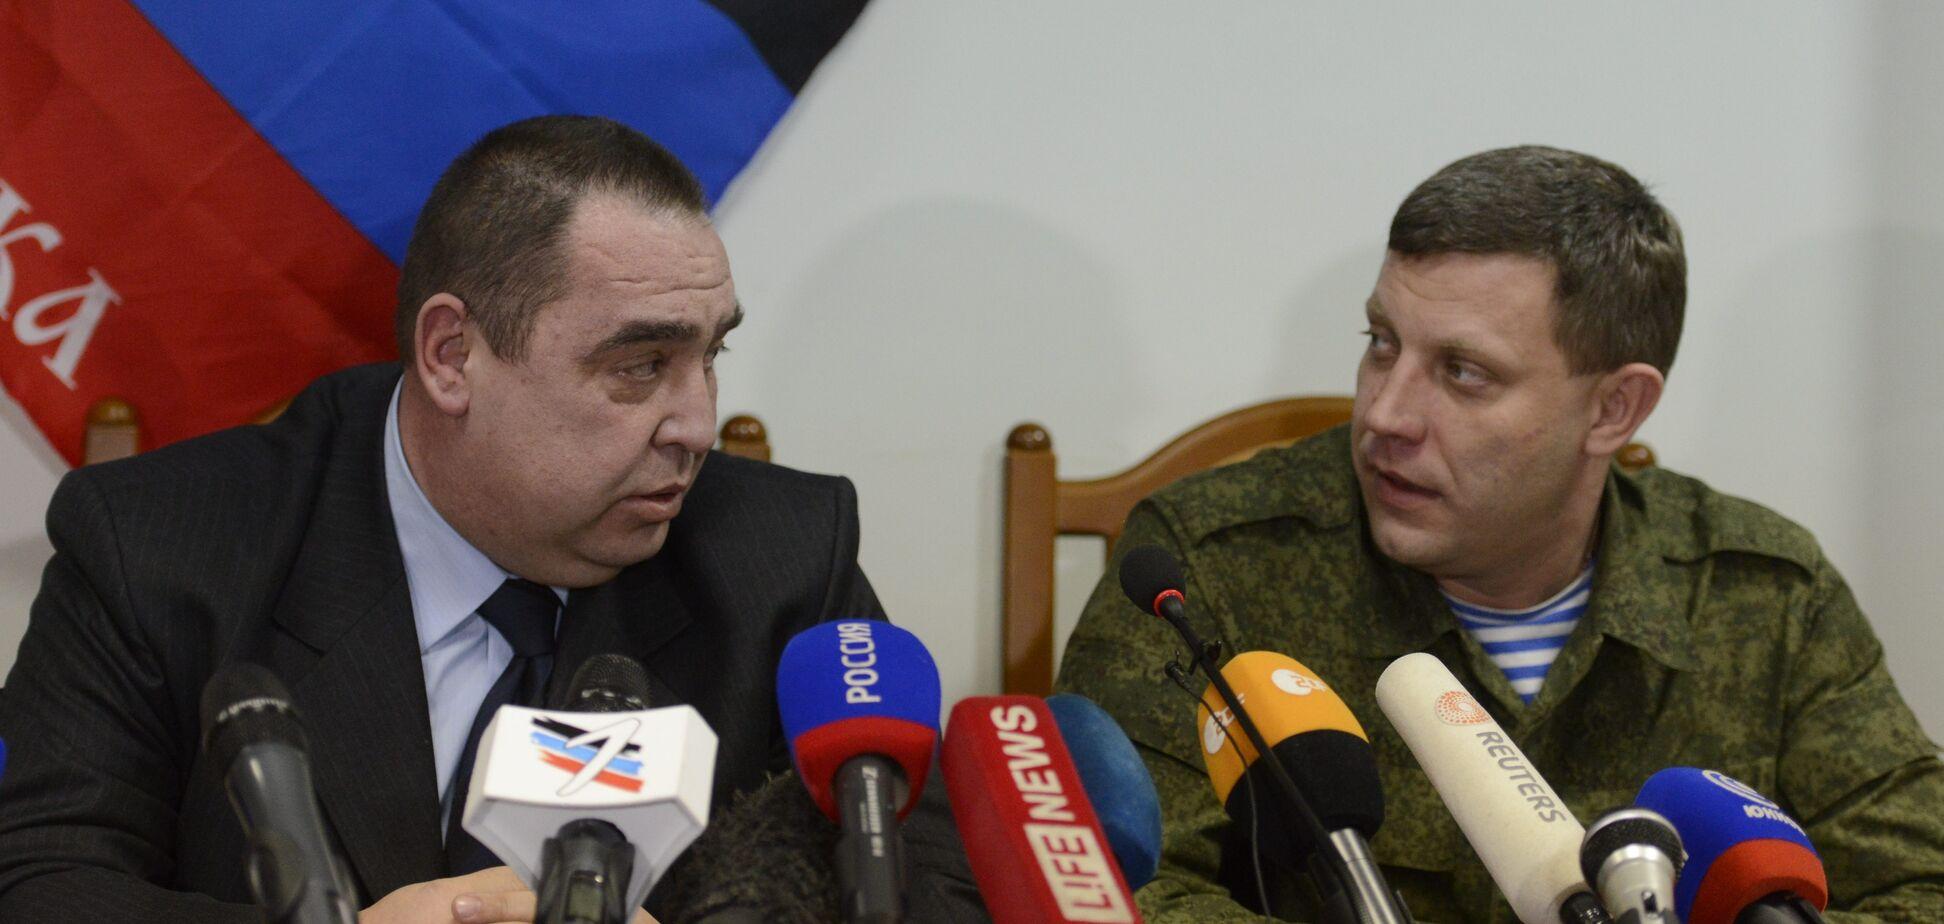 Внезапная замена главарей 'Л/ДНР': стало известно, почему Кремль решил изгнать Плотницкого и Захарченко